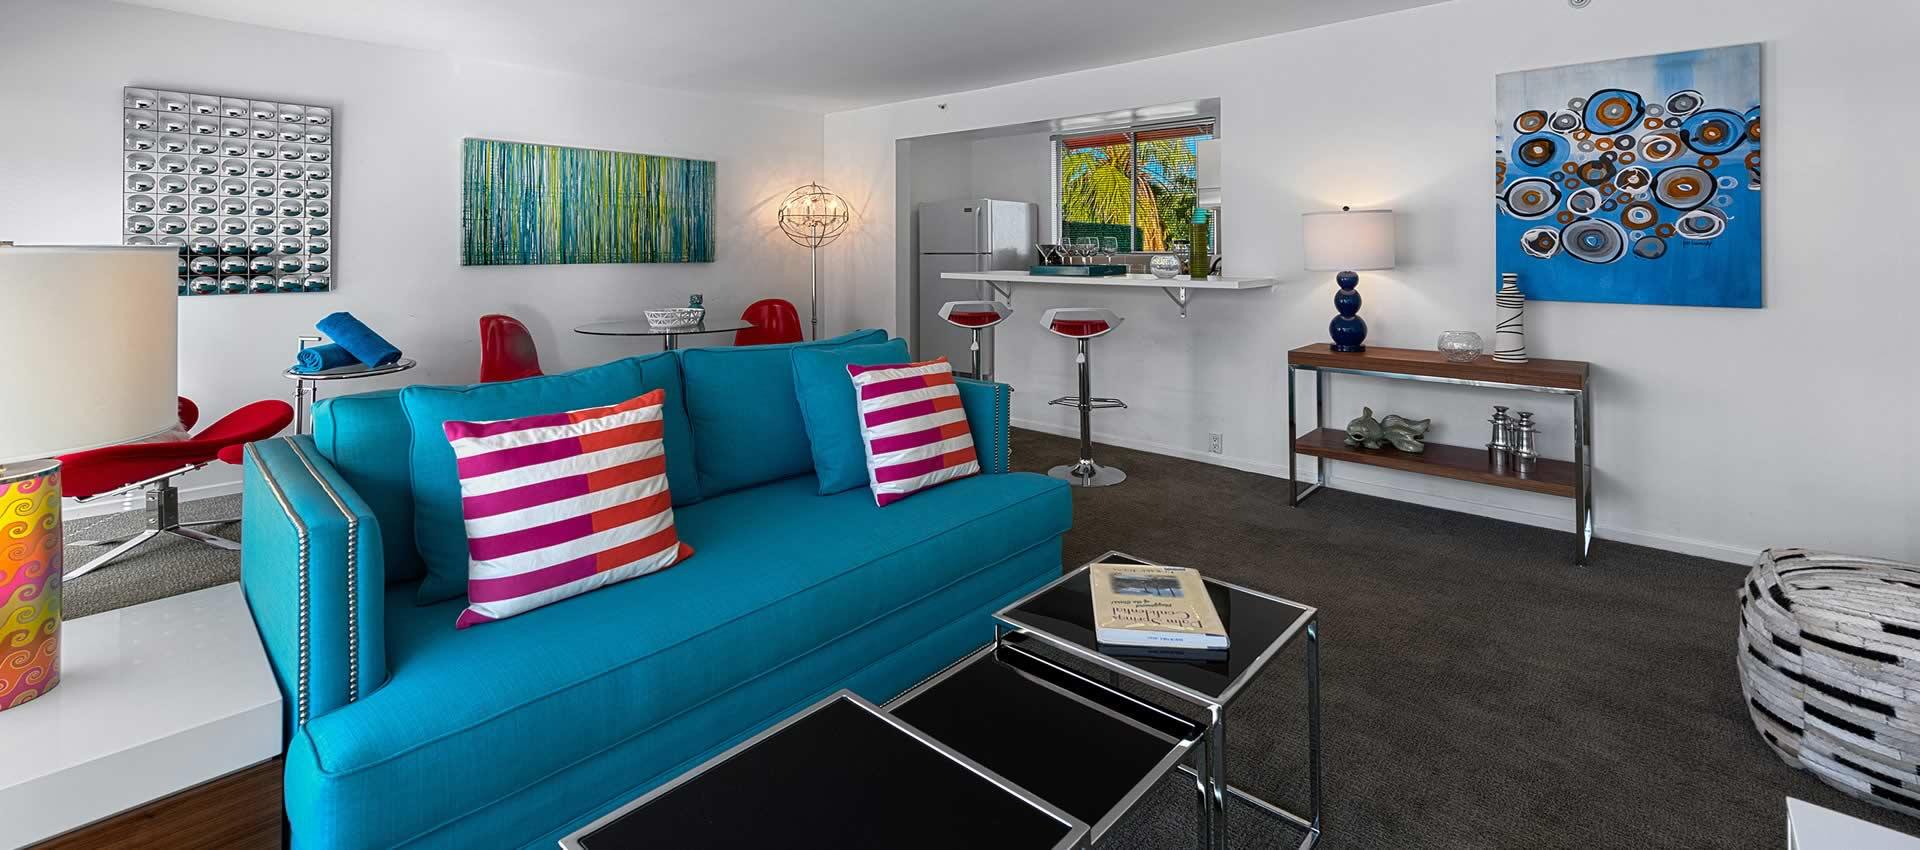 twist-hotel-room218-frontroom-02